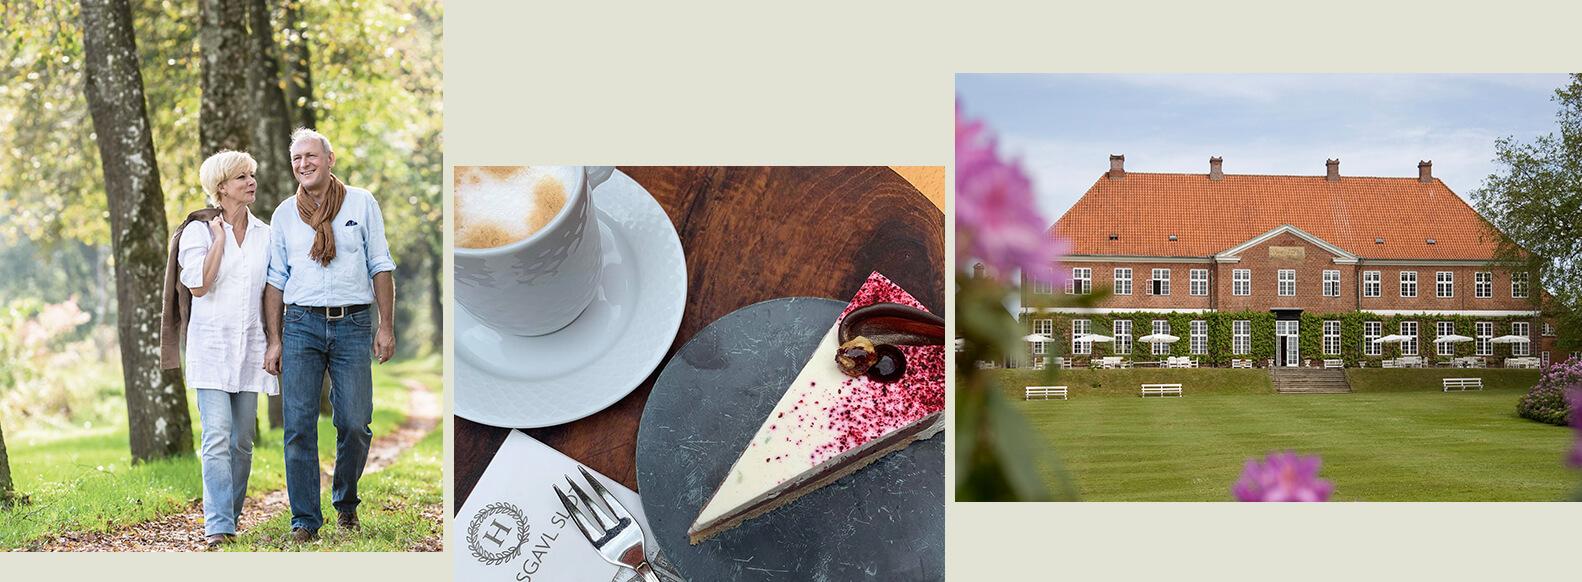 1582x582px-kaffe-og-kage-gavekort_v2.jpg